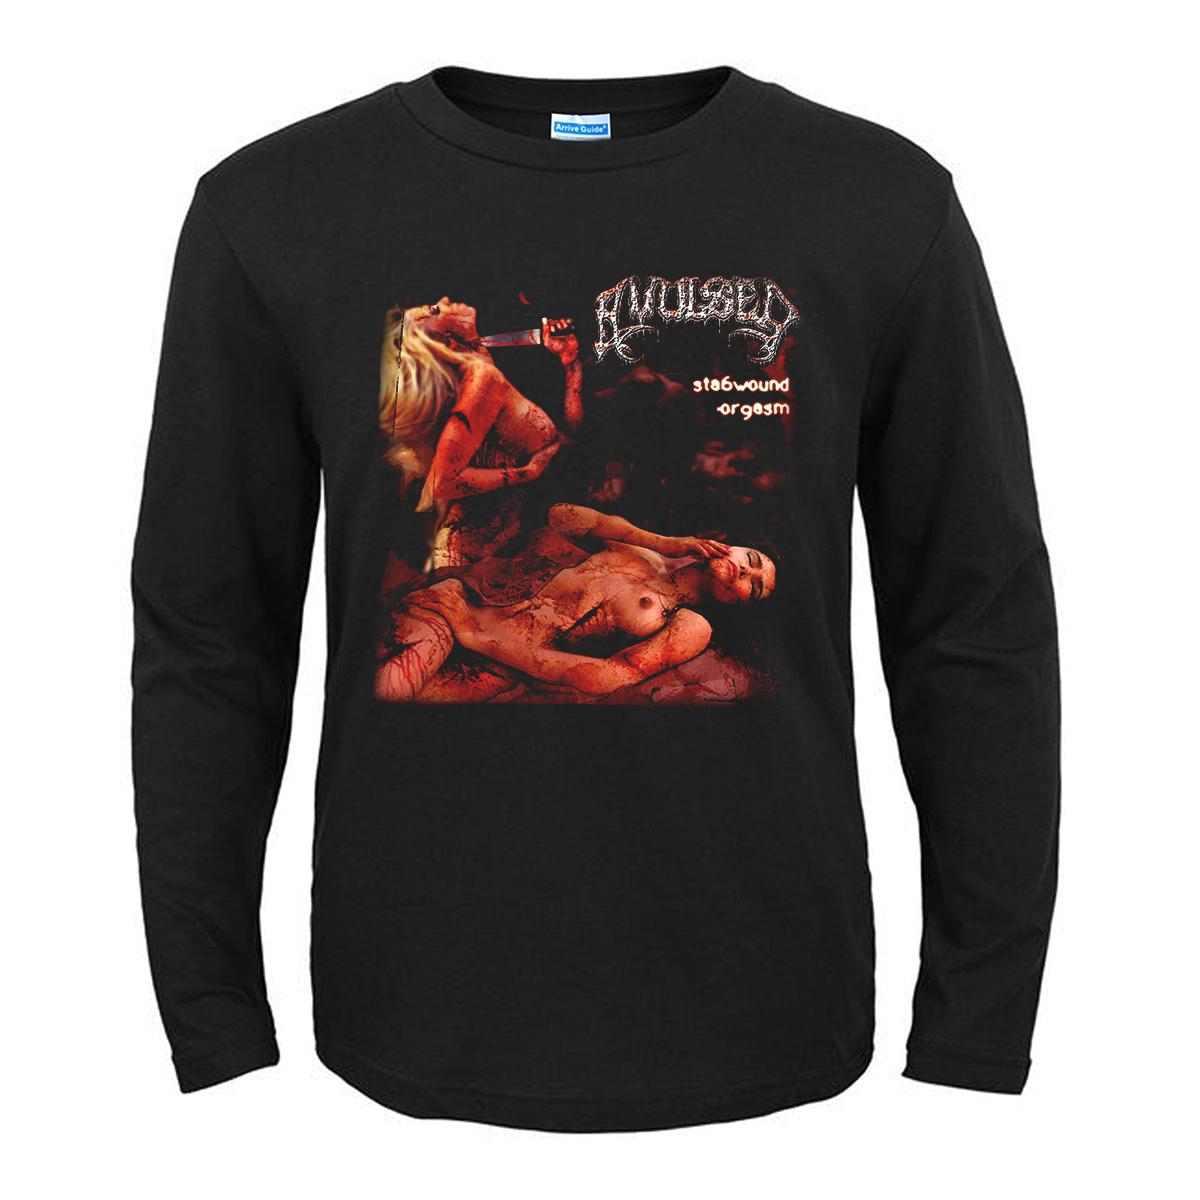 Merch T-Shirt Avulsed Stabwound Orgasm